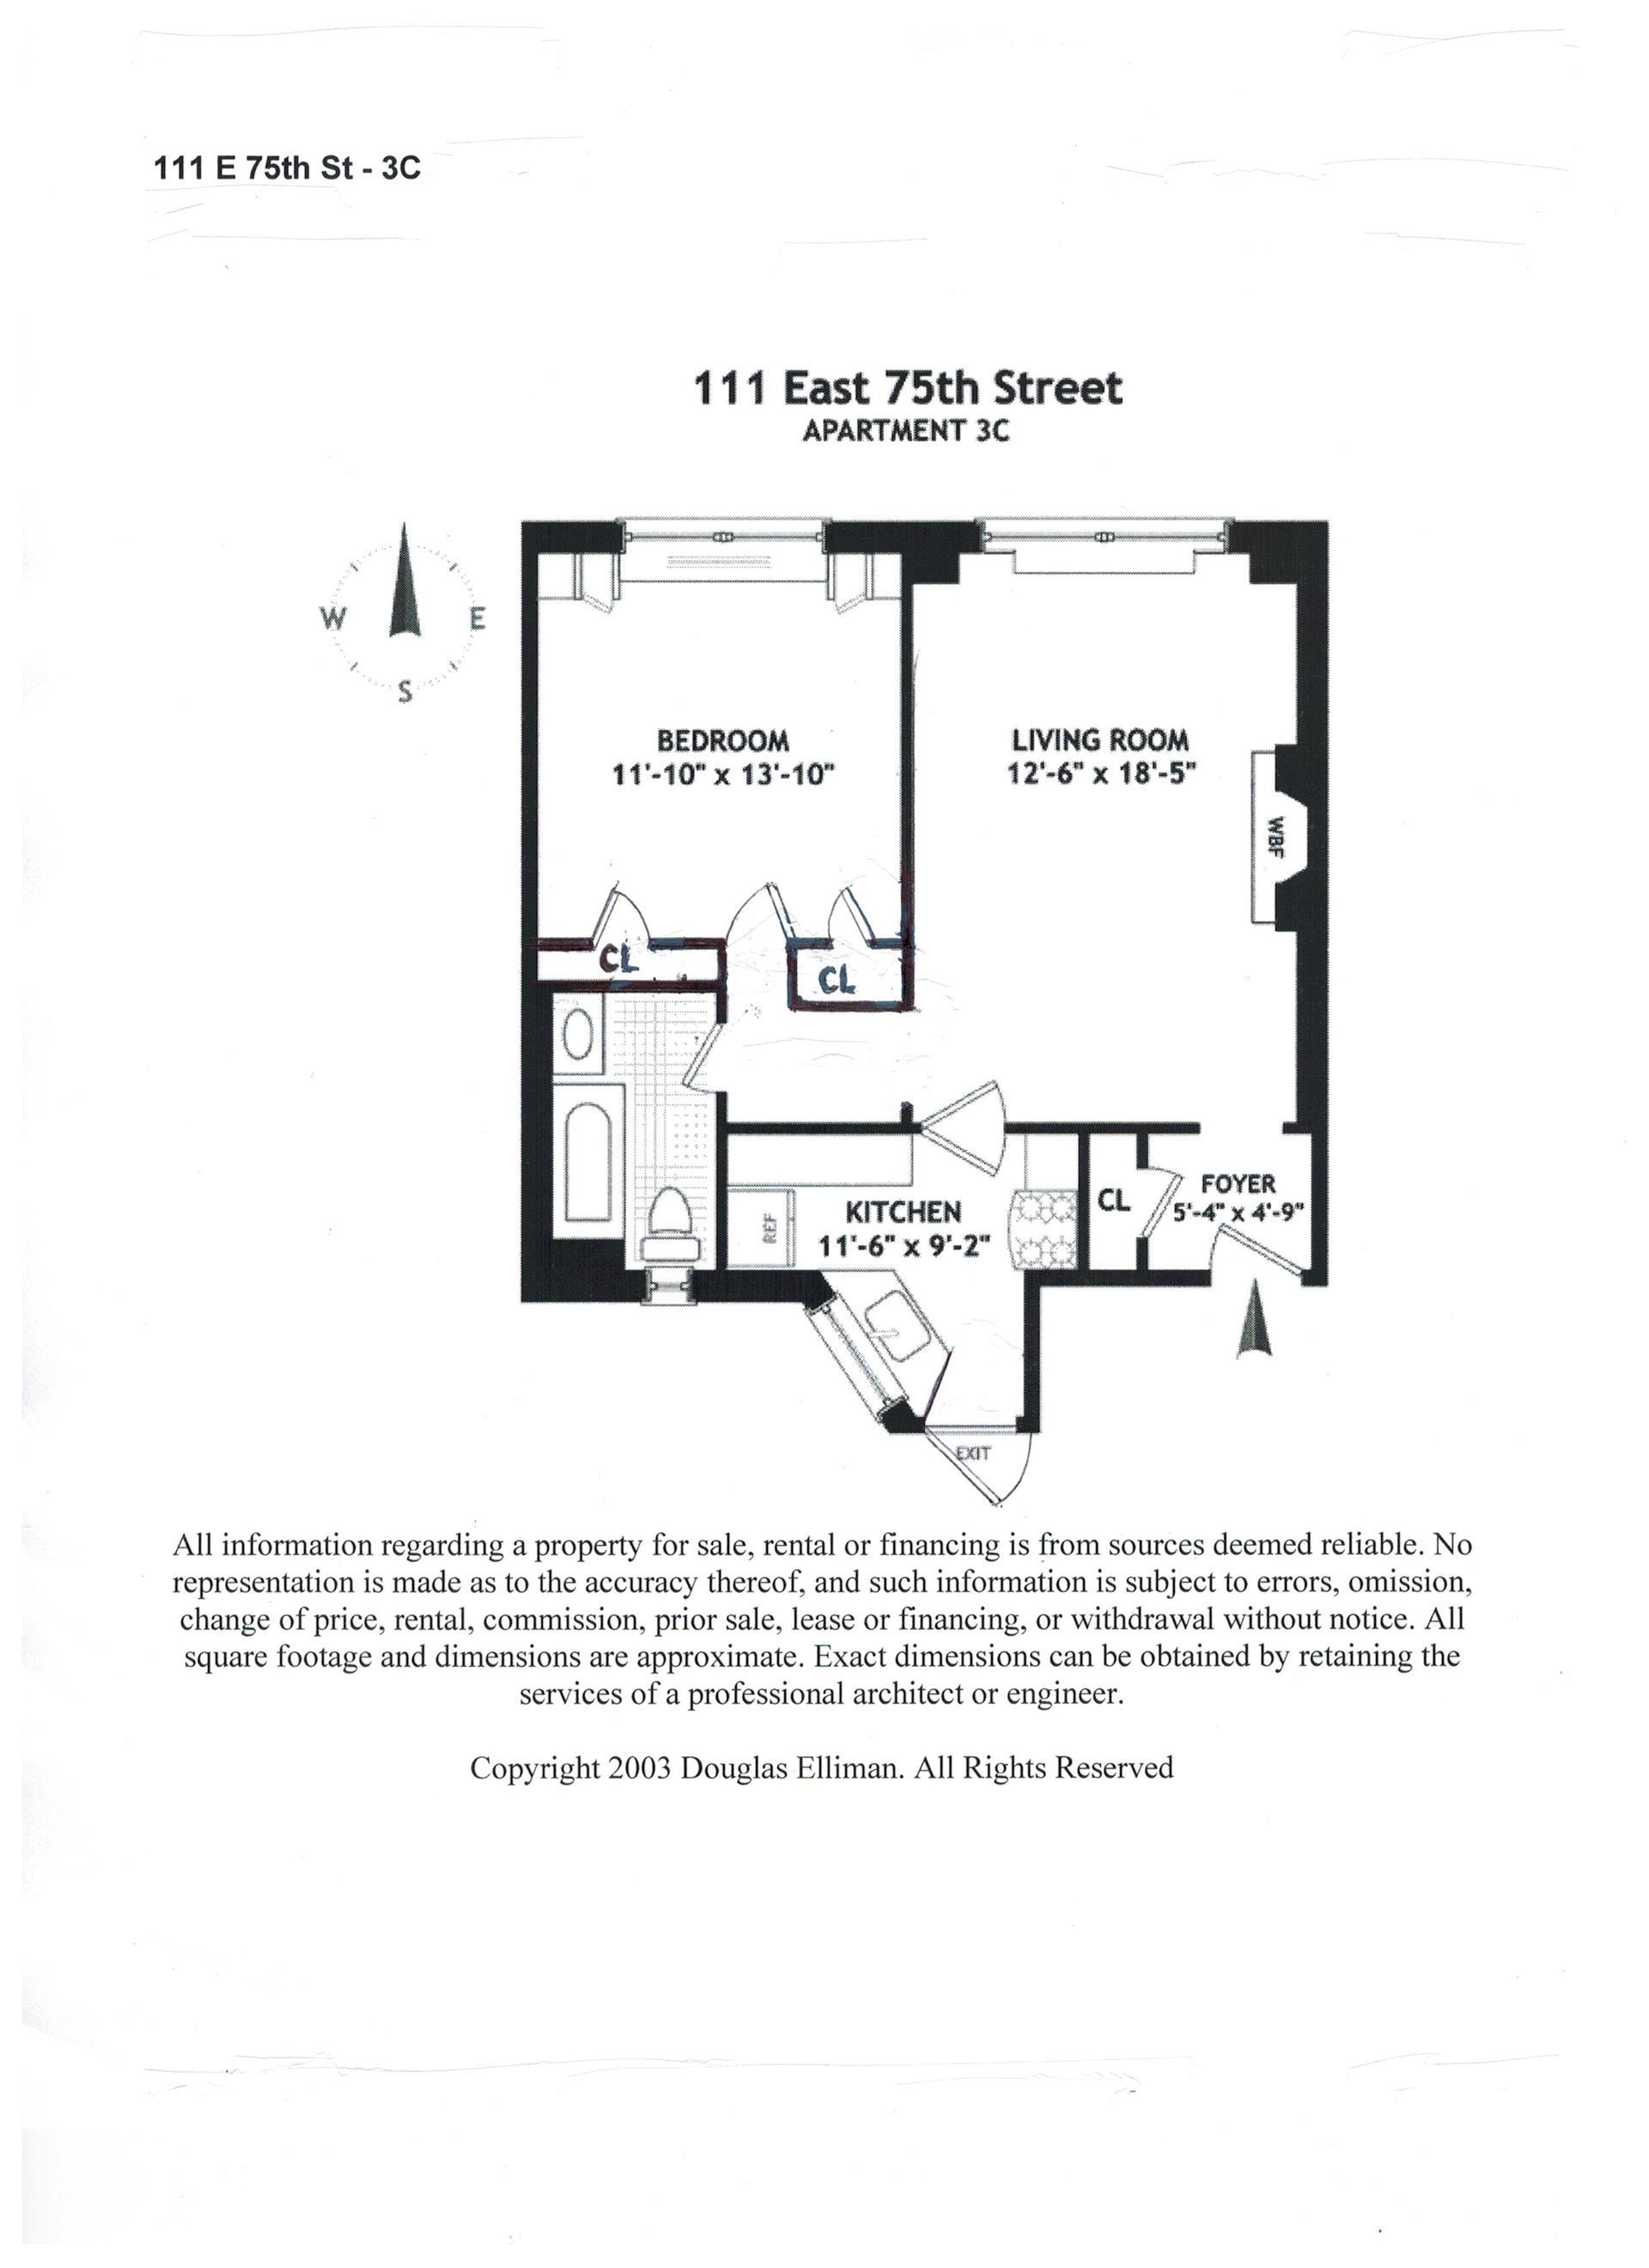 Floor plan of 111 East 75th St, 3C - Upper East Side, New York